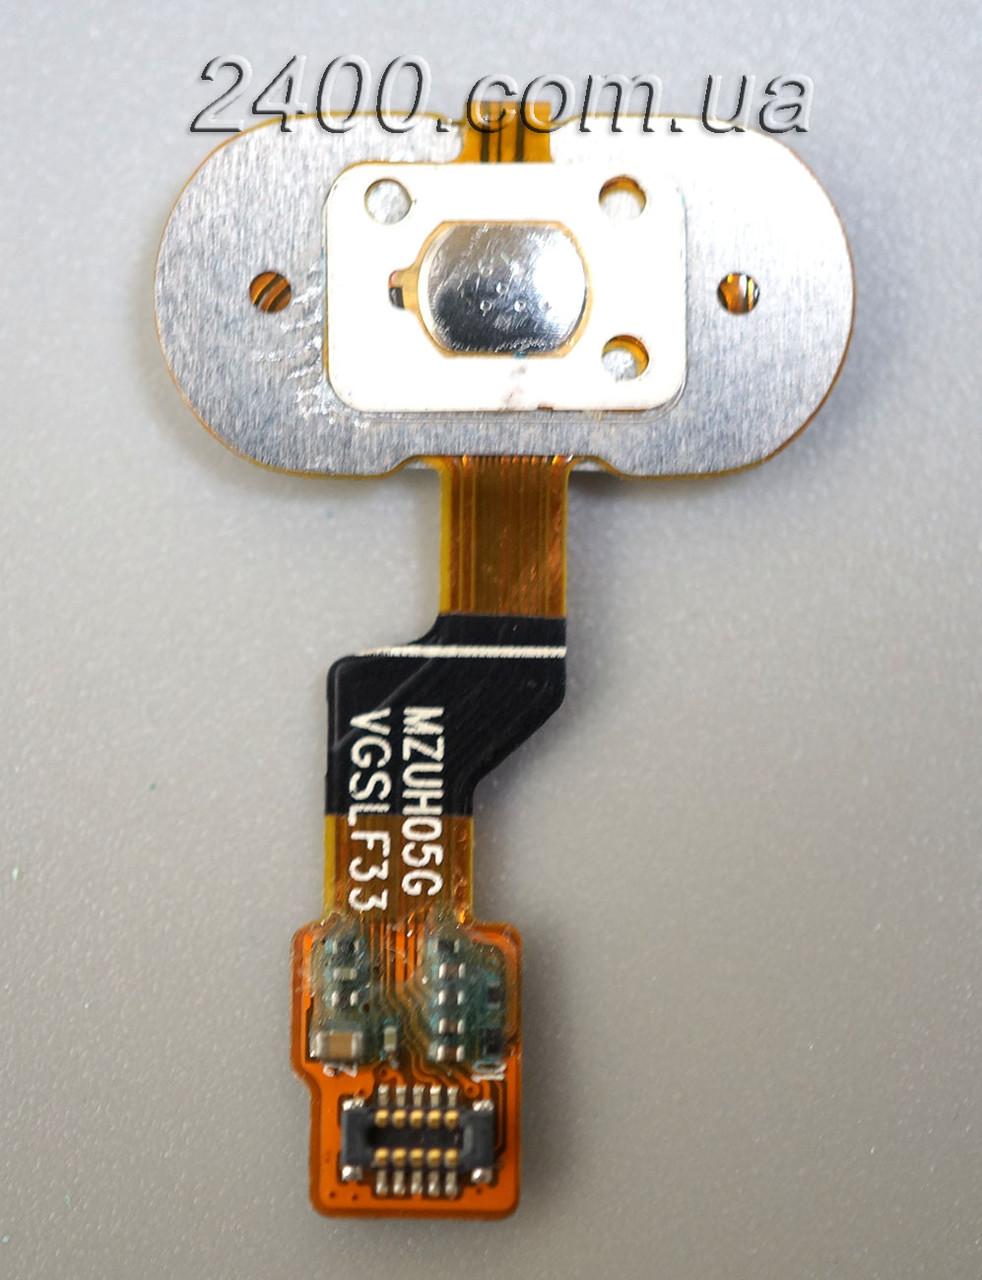 Cенсорная кнопка для смартфона Meizu M3s черная, кнопка меню мейзу м3с , фото 1